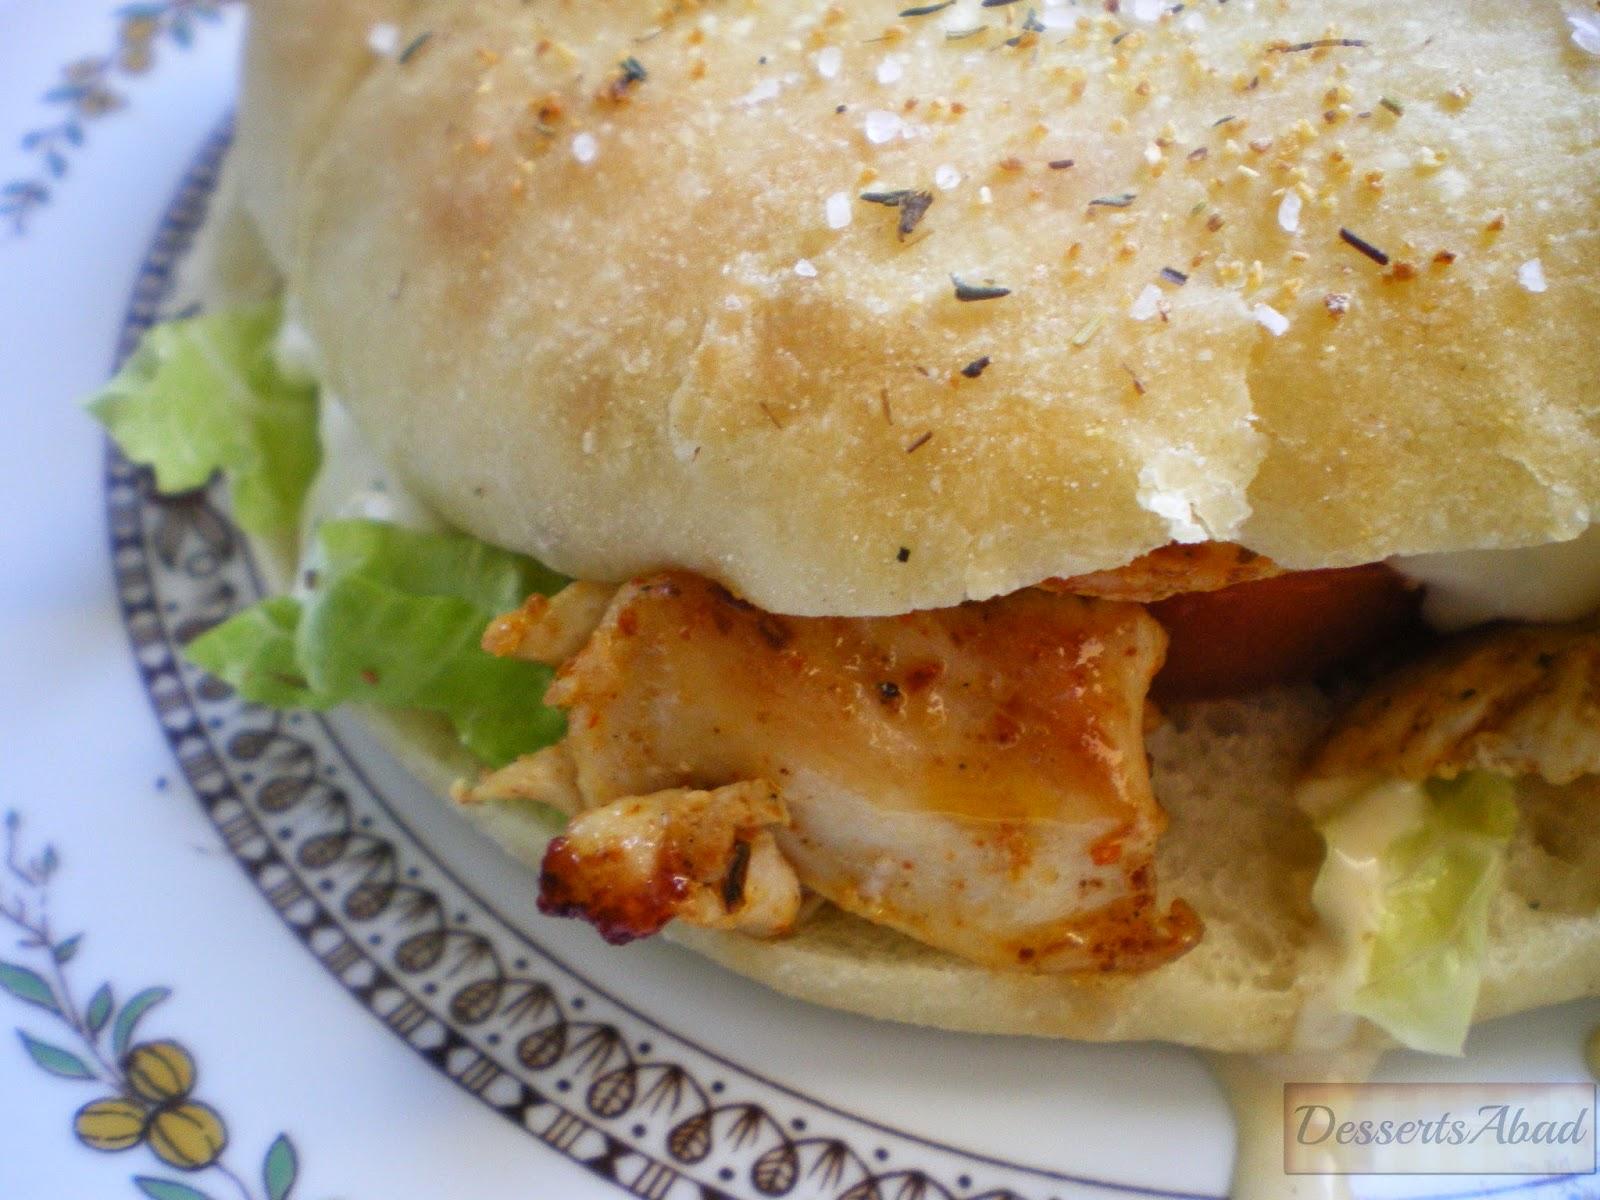 Shawarma o döner kebab